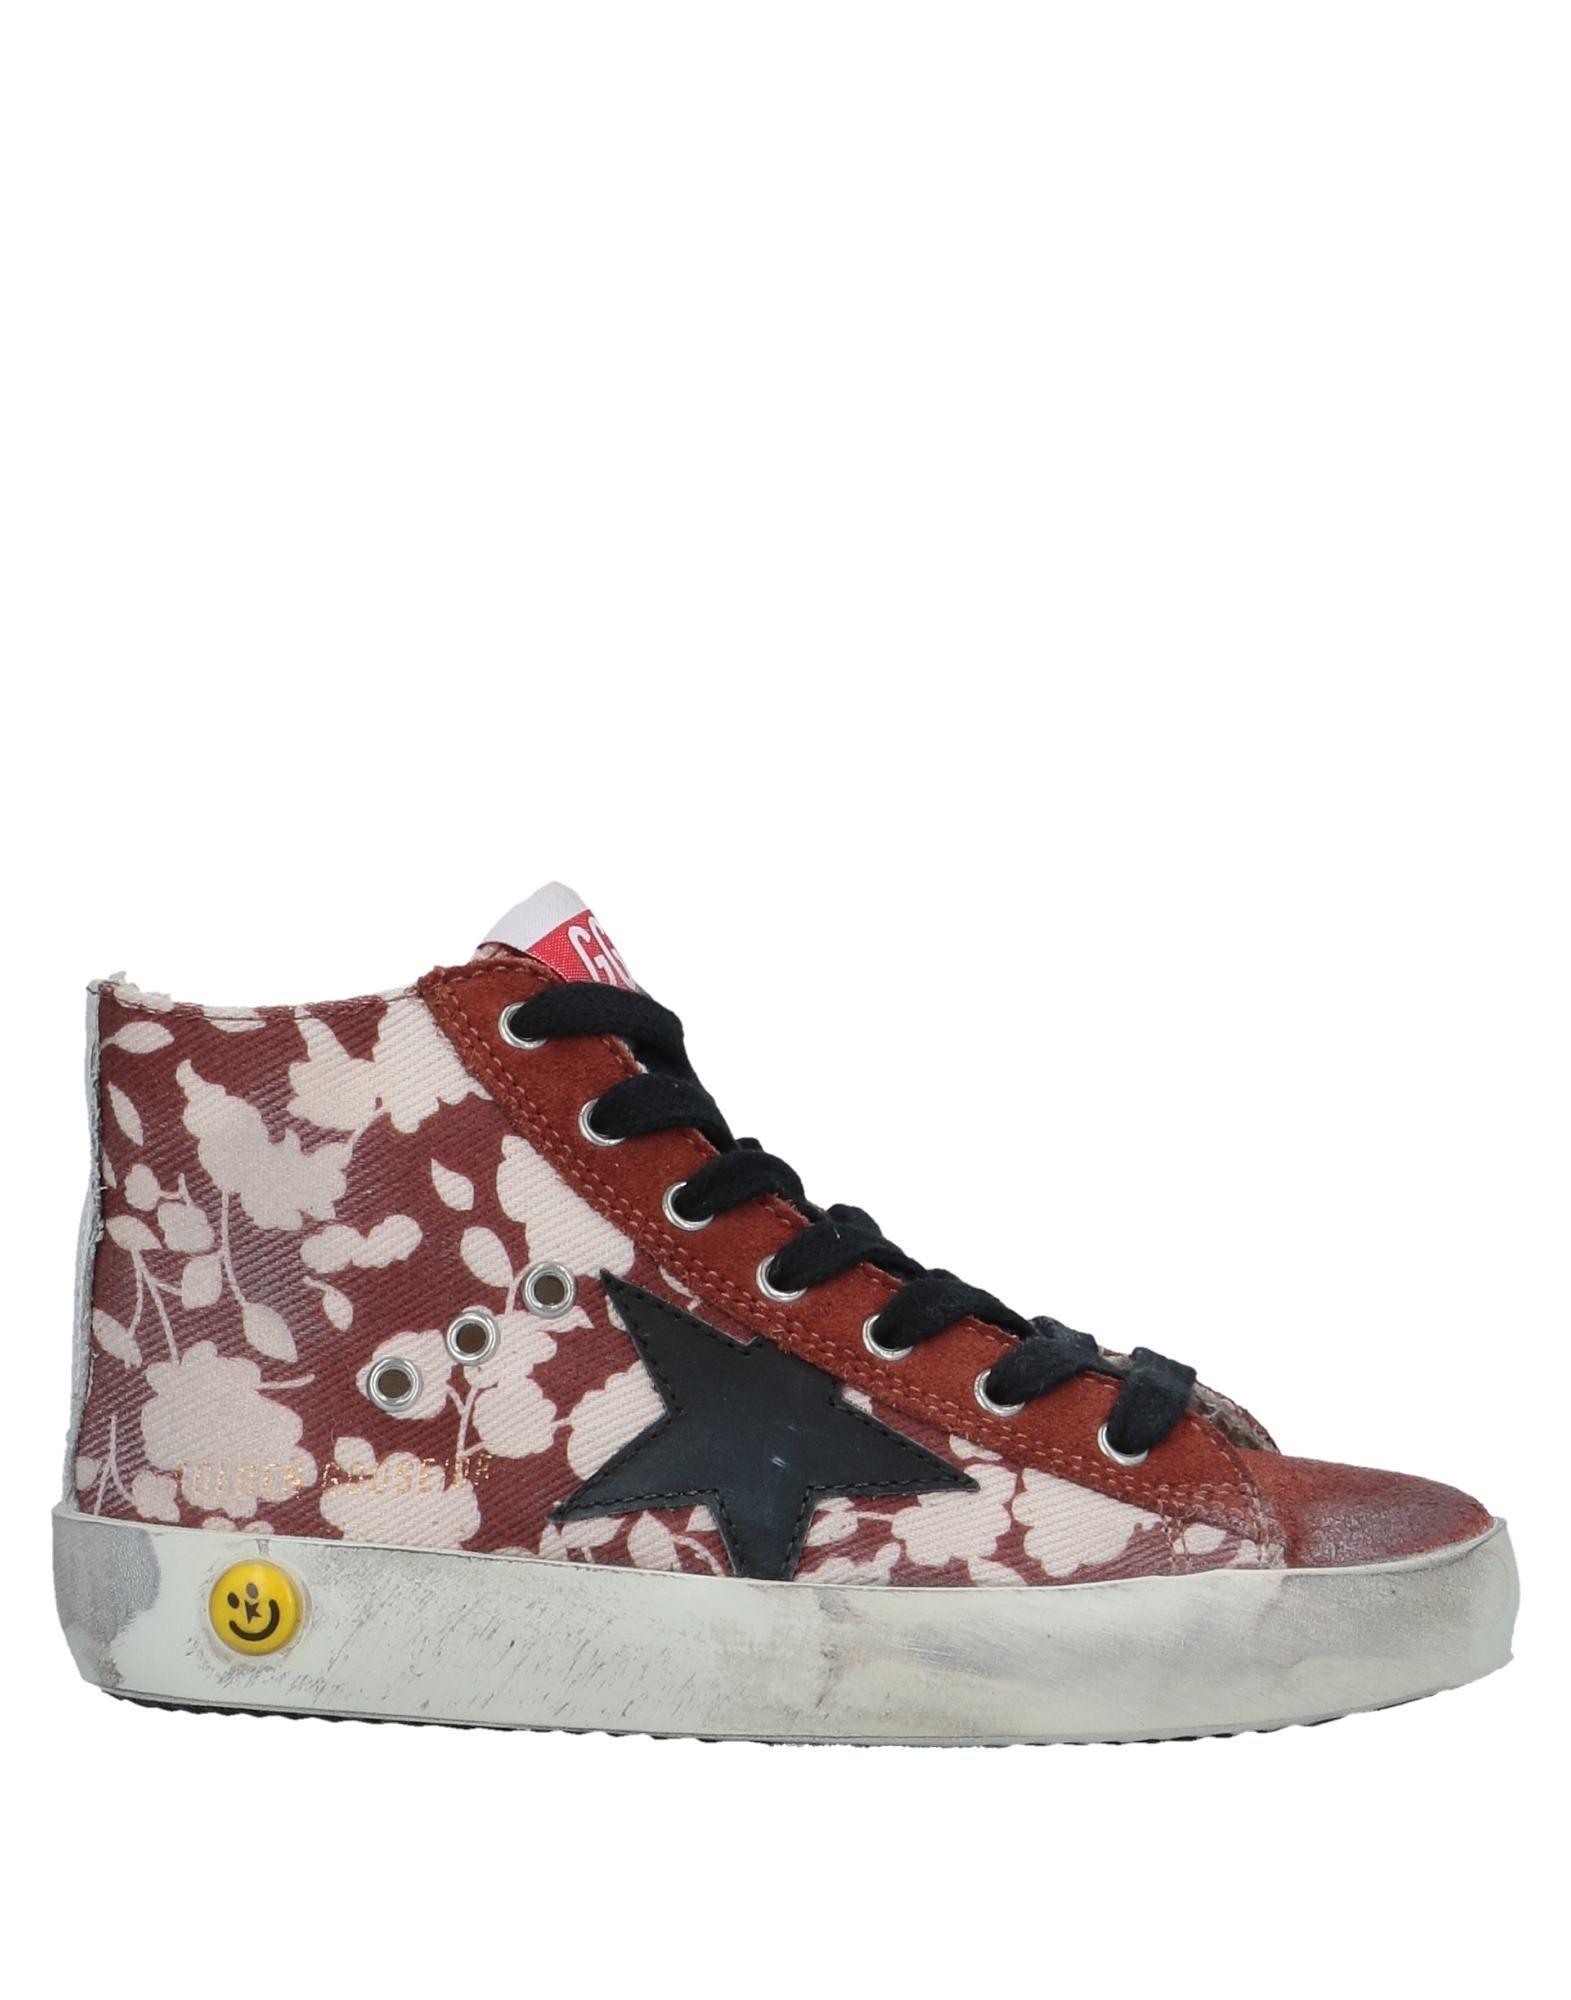 fe1225b3a golden goose deluxe brand calzado sneakers abotinadas on yoox.com ladrillo